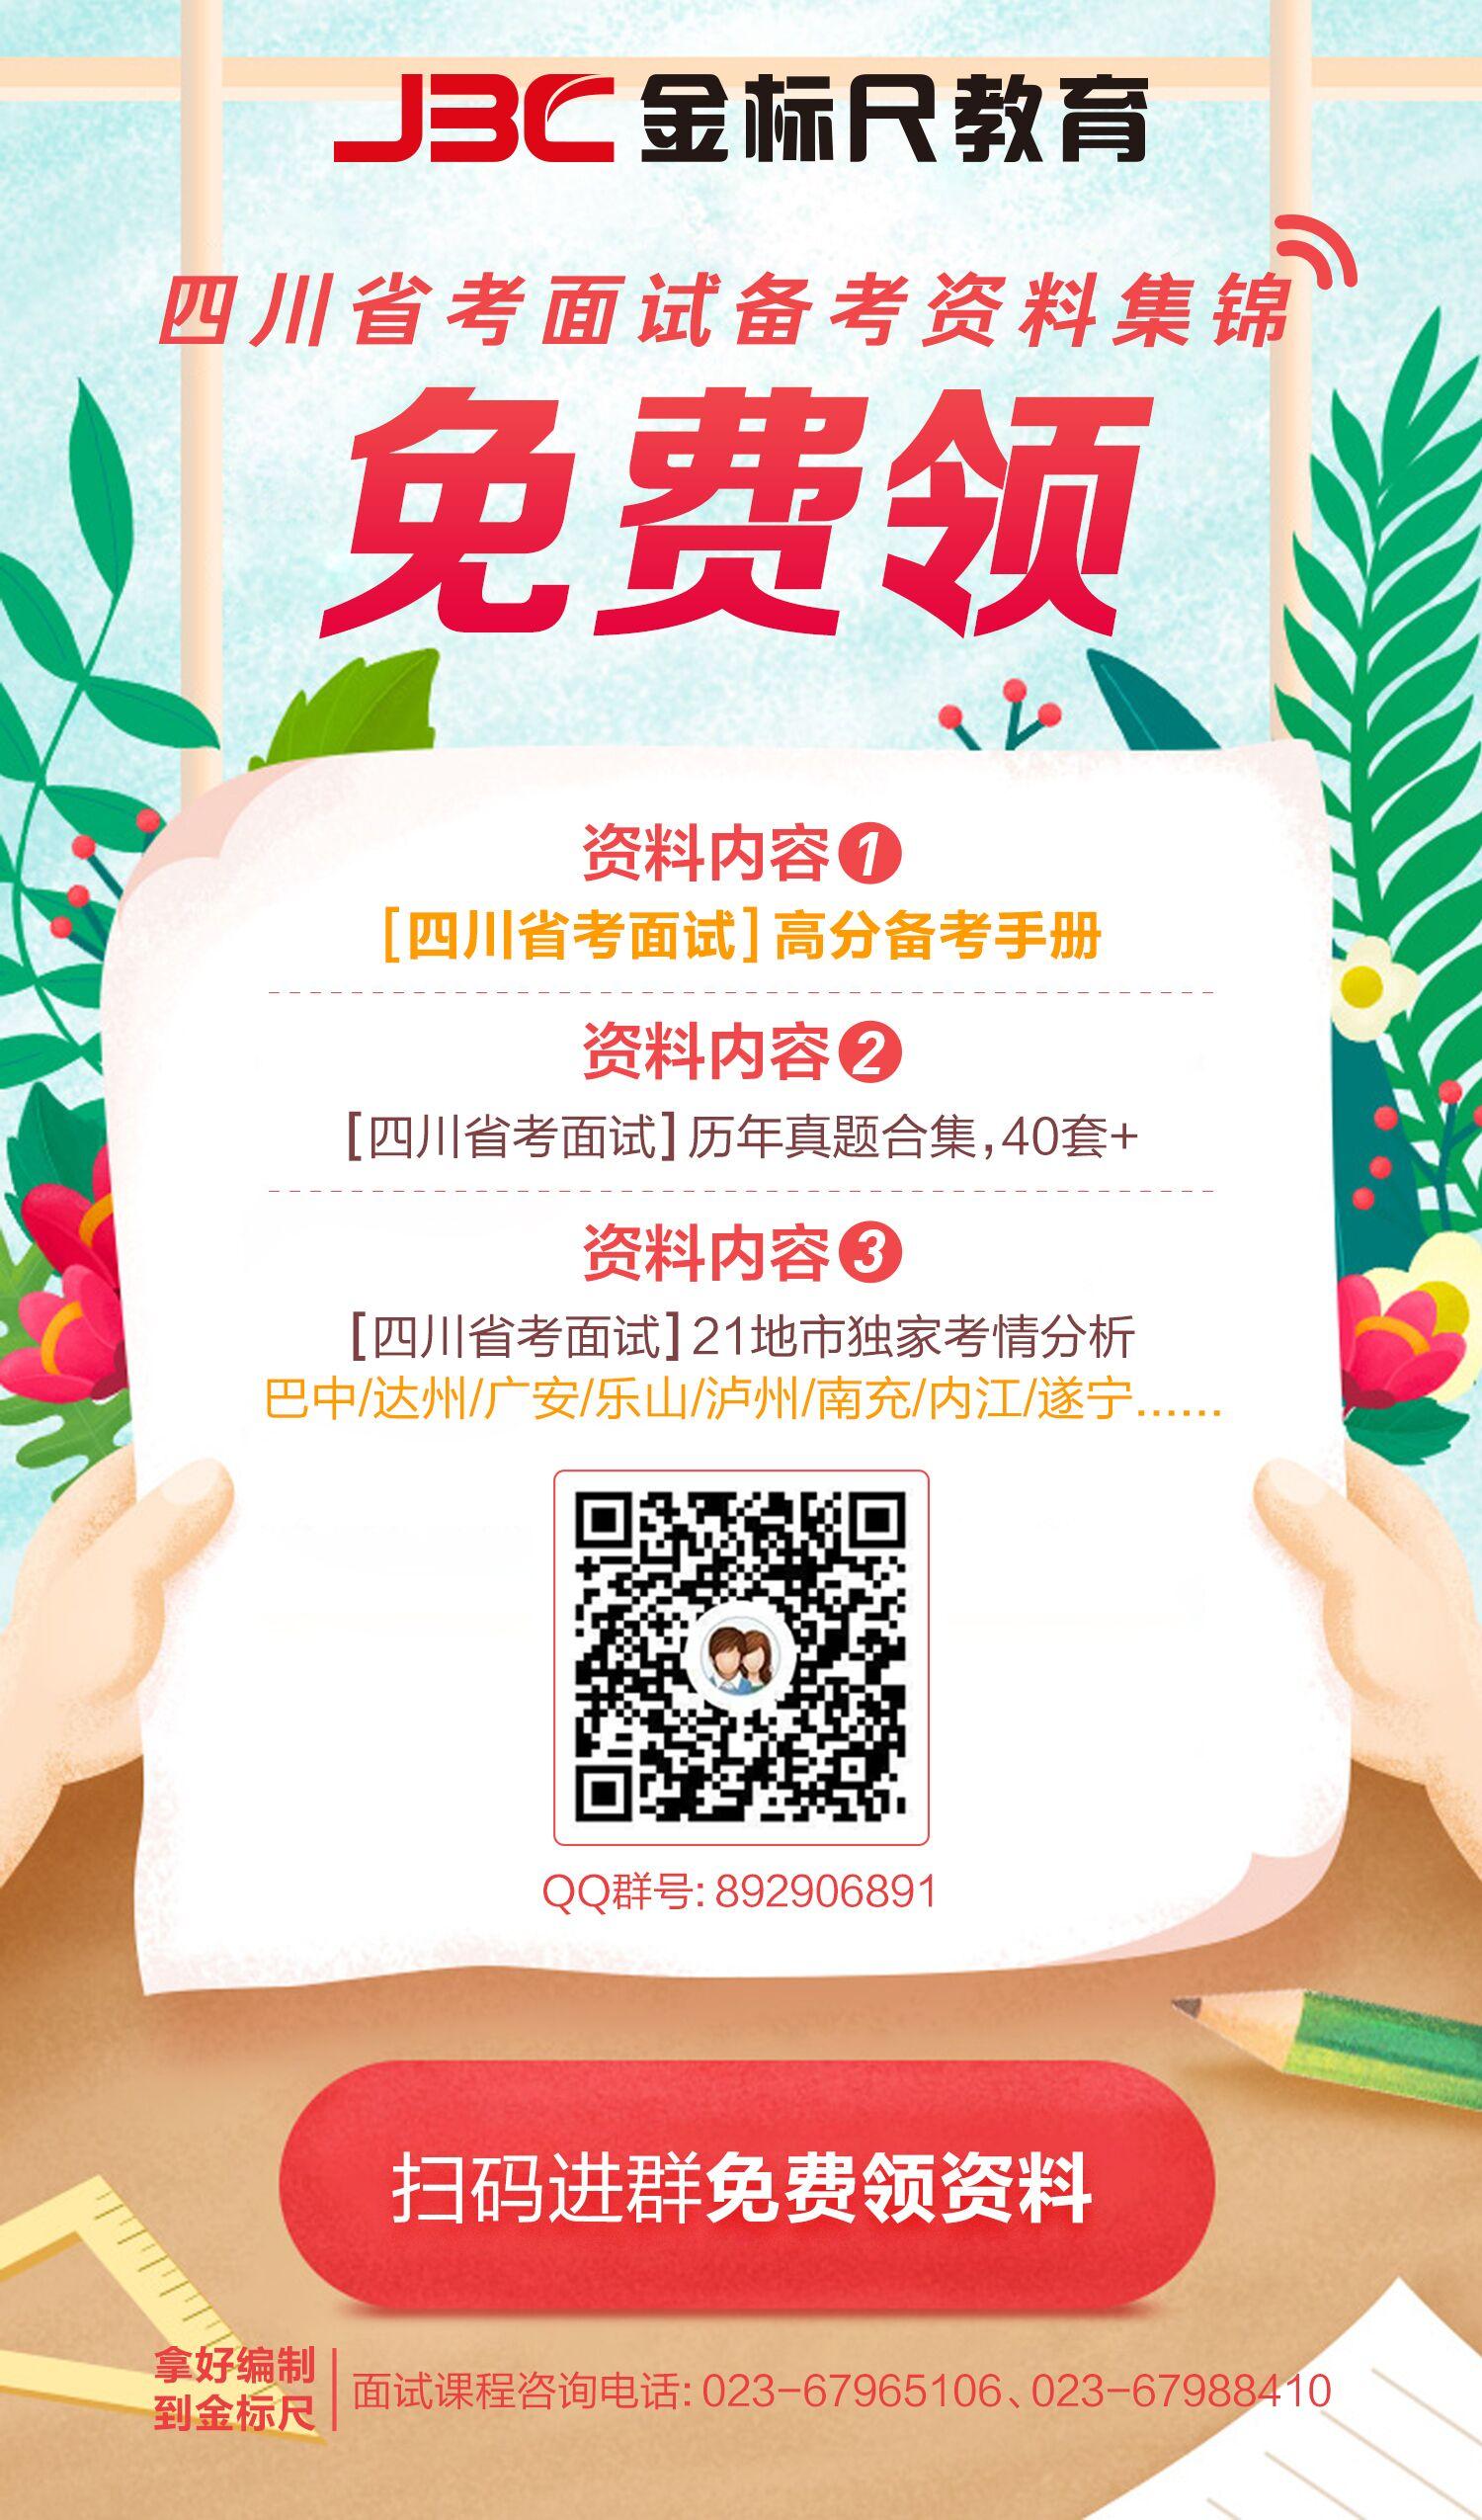 四川省考面试资料包免费领